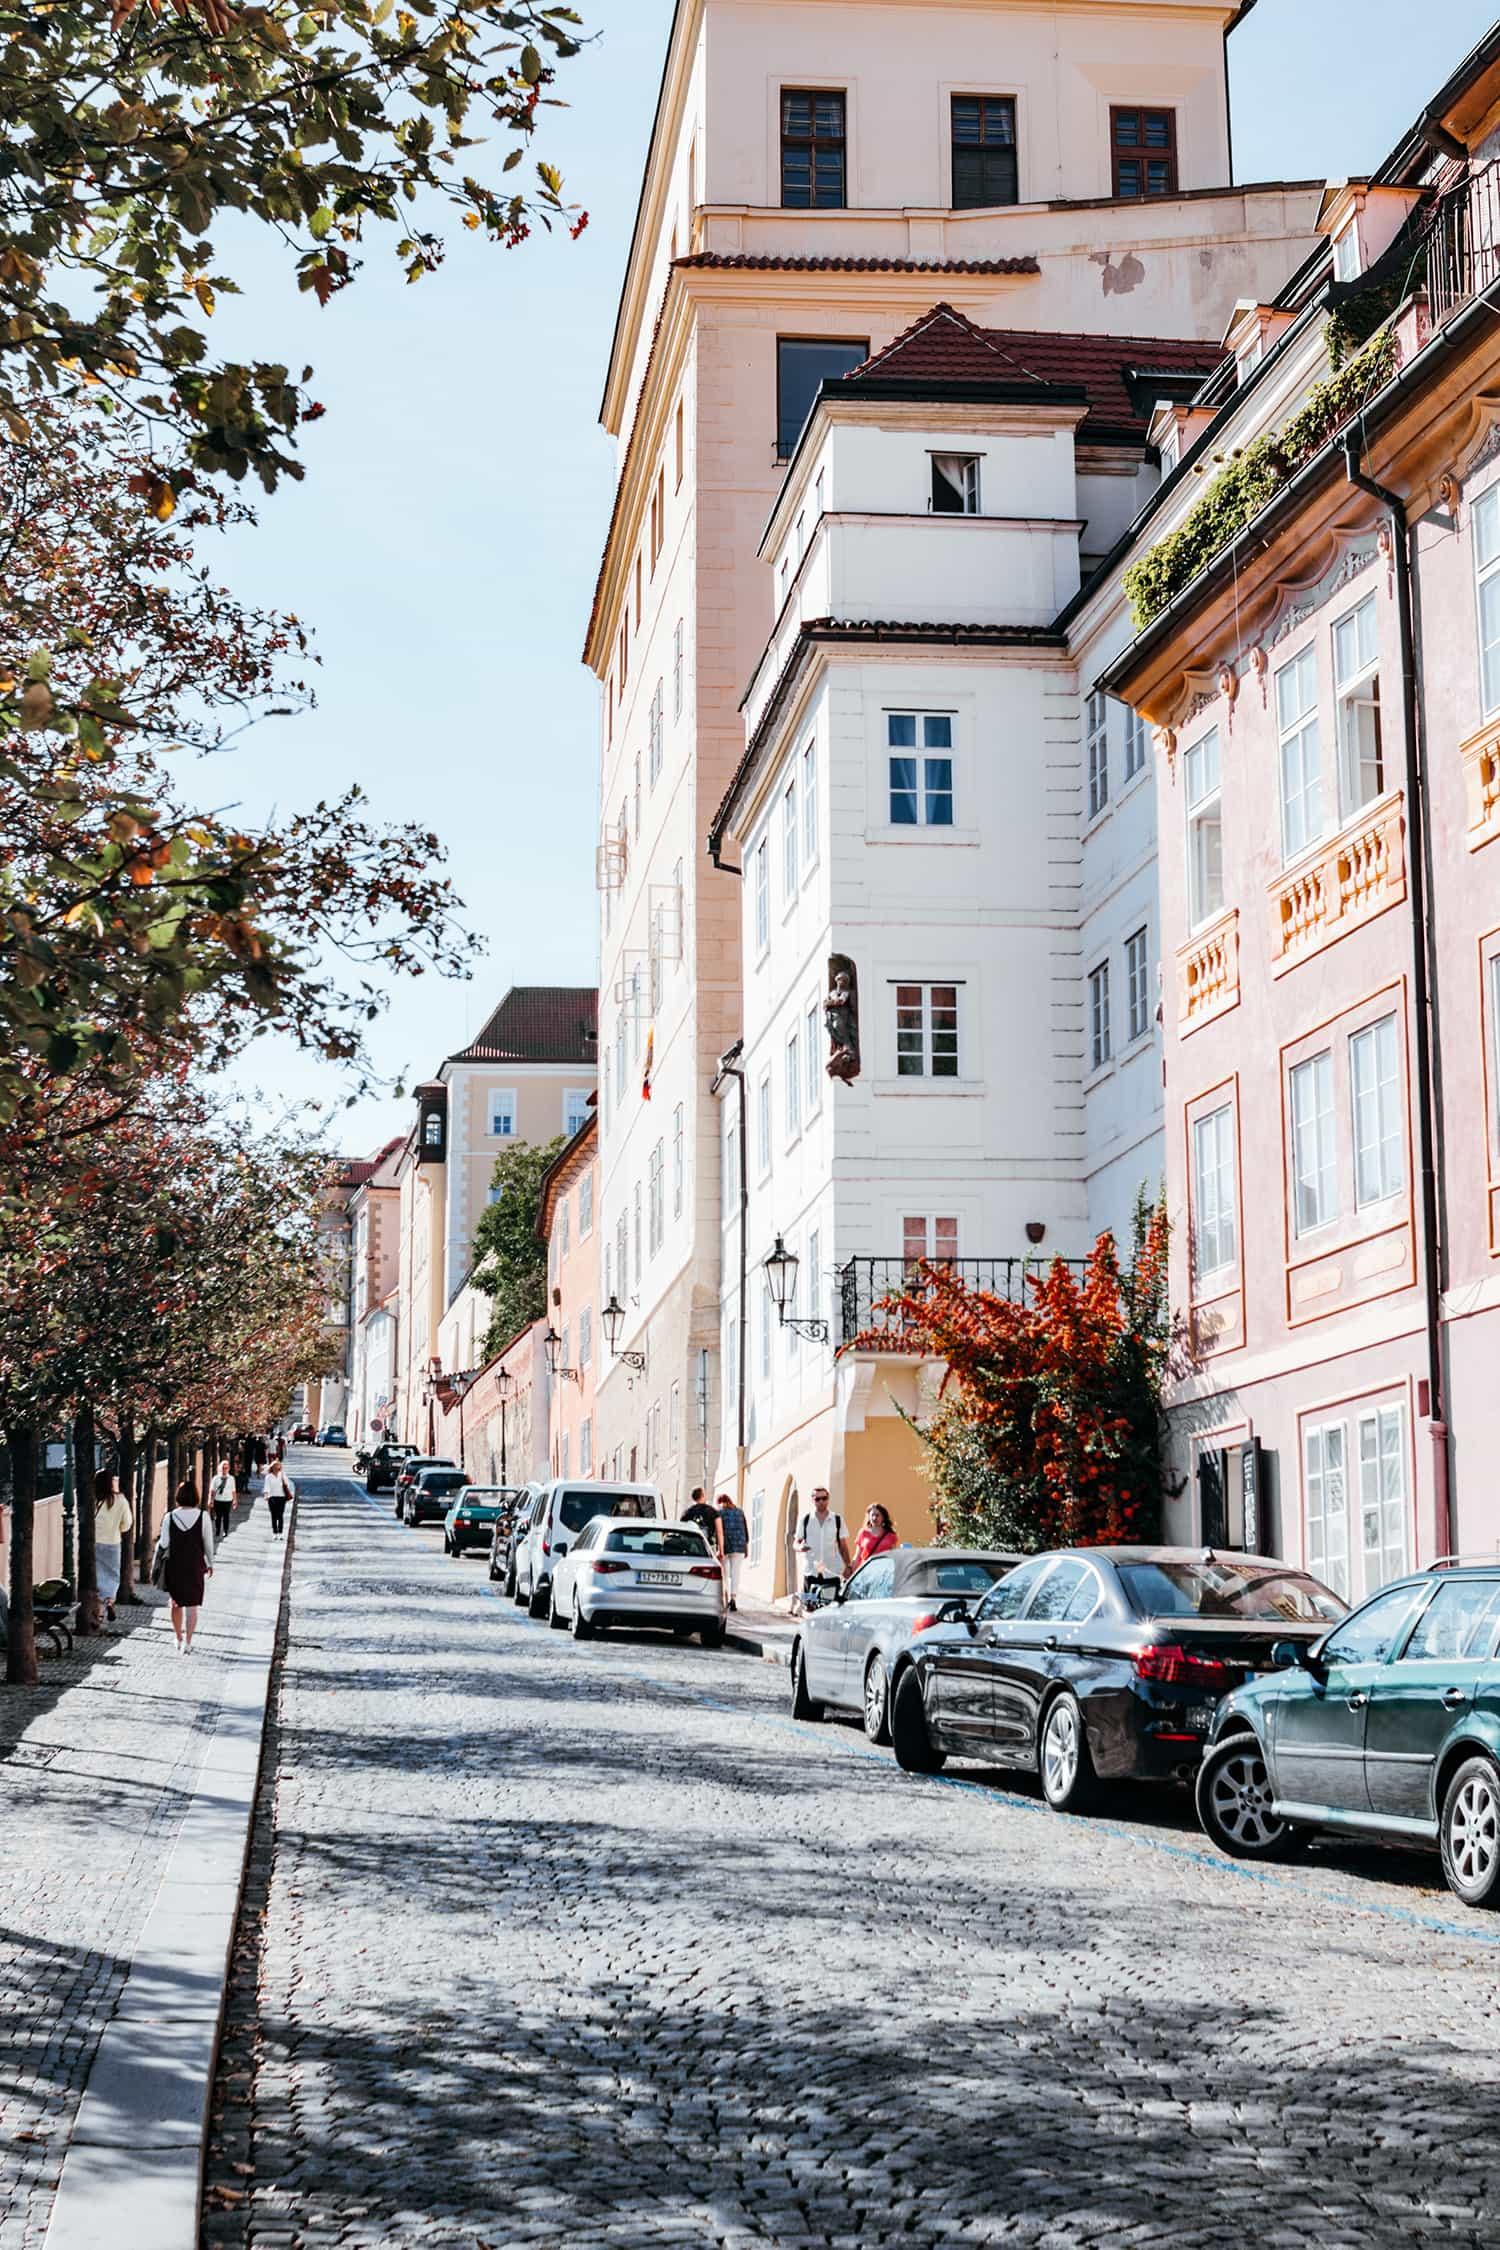 Frühlingserwachen auf der Kleinseite in Prag